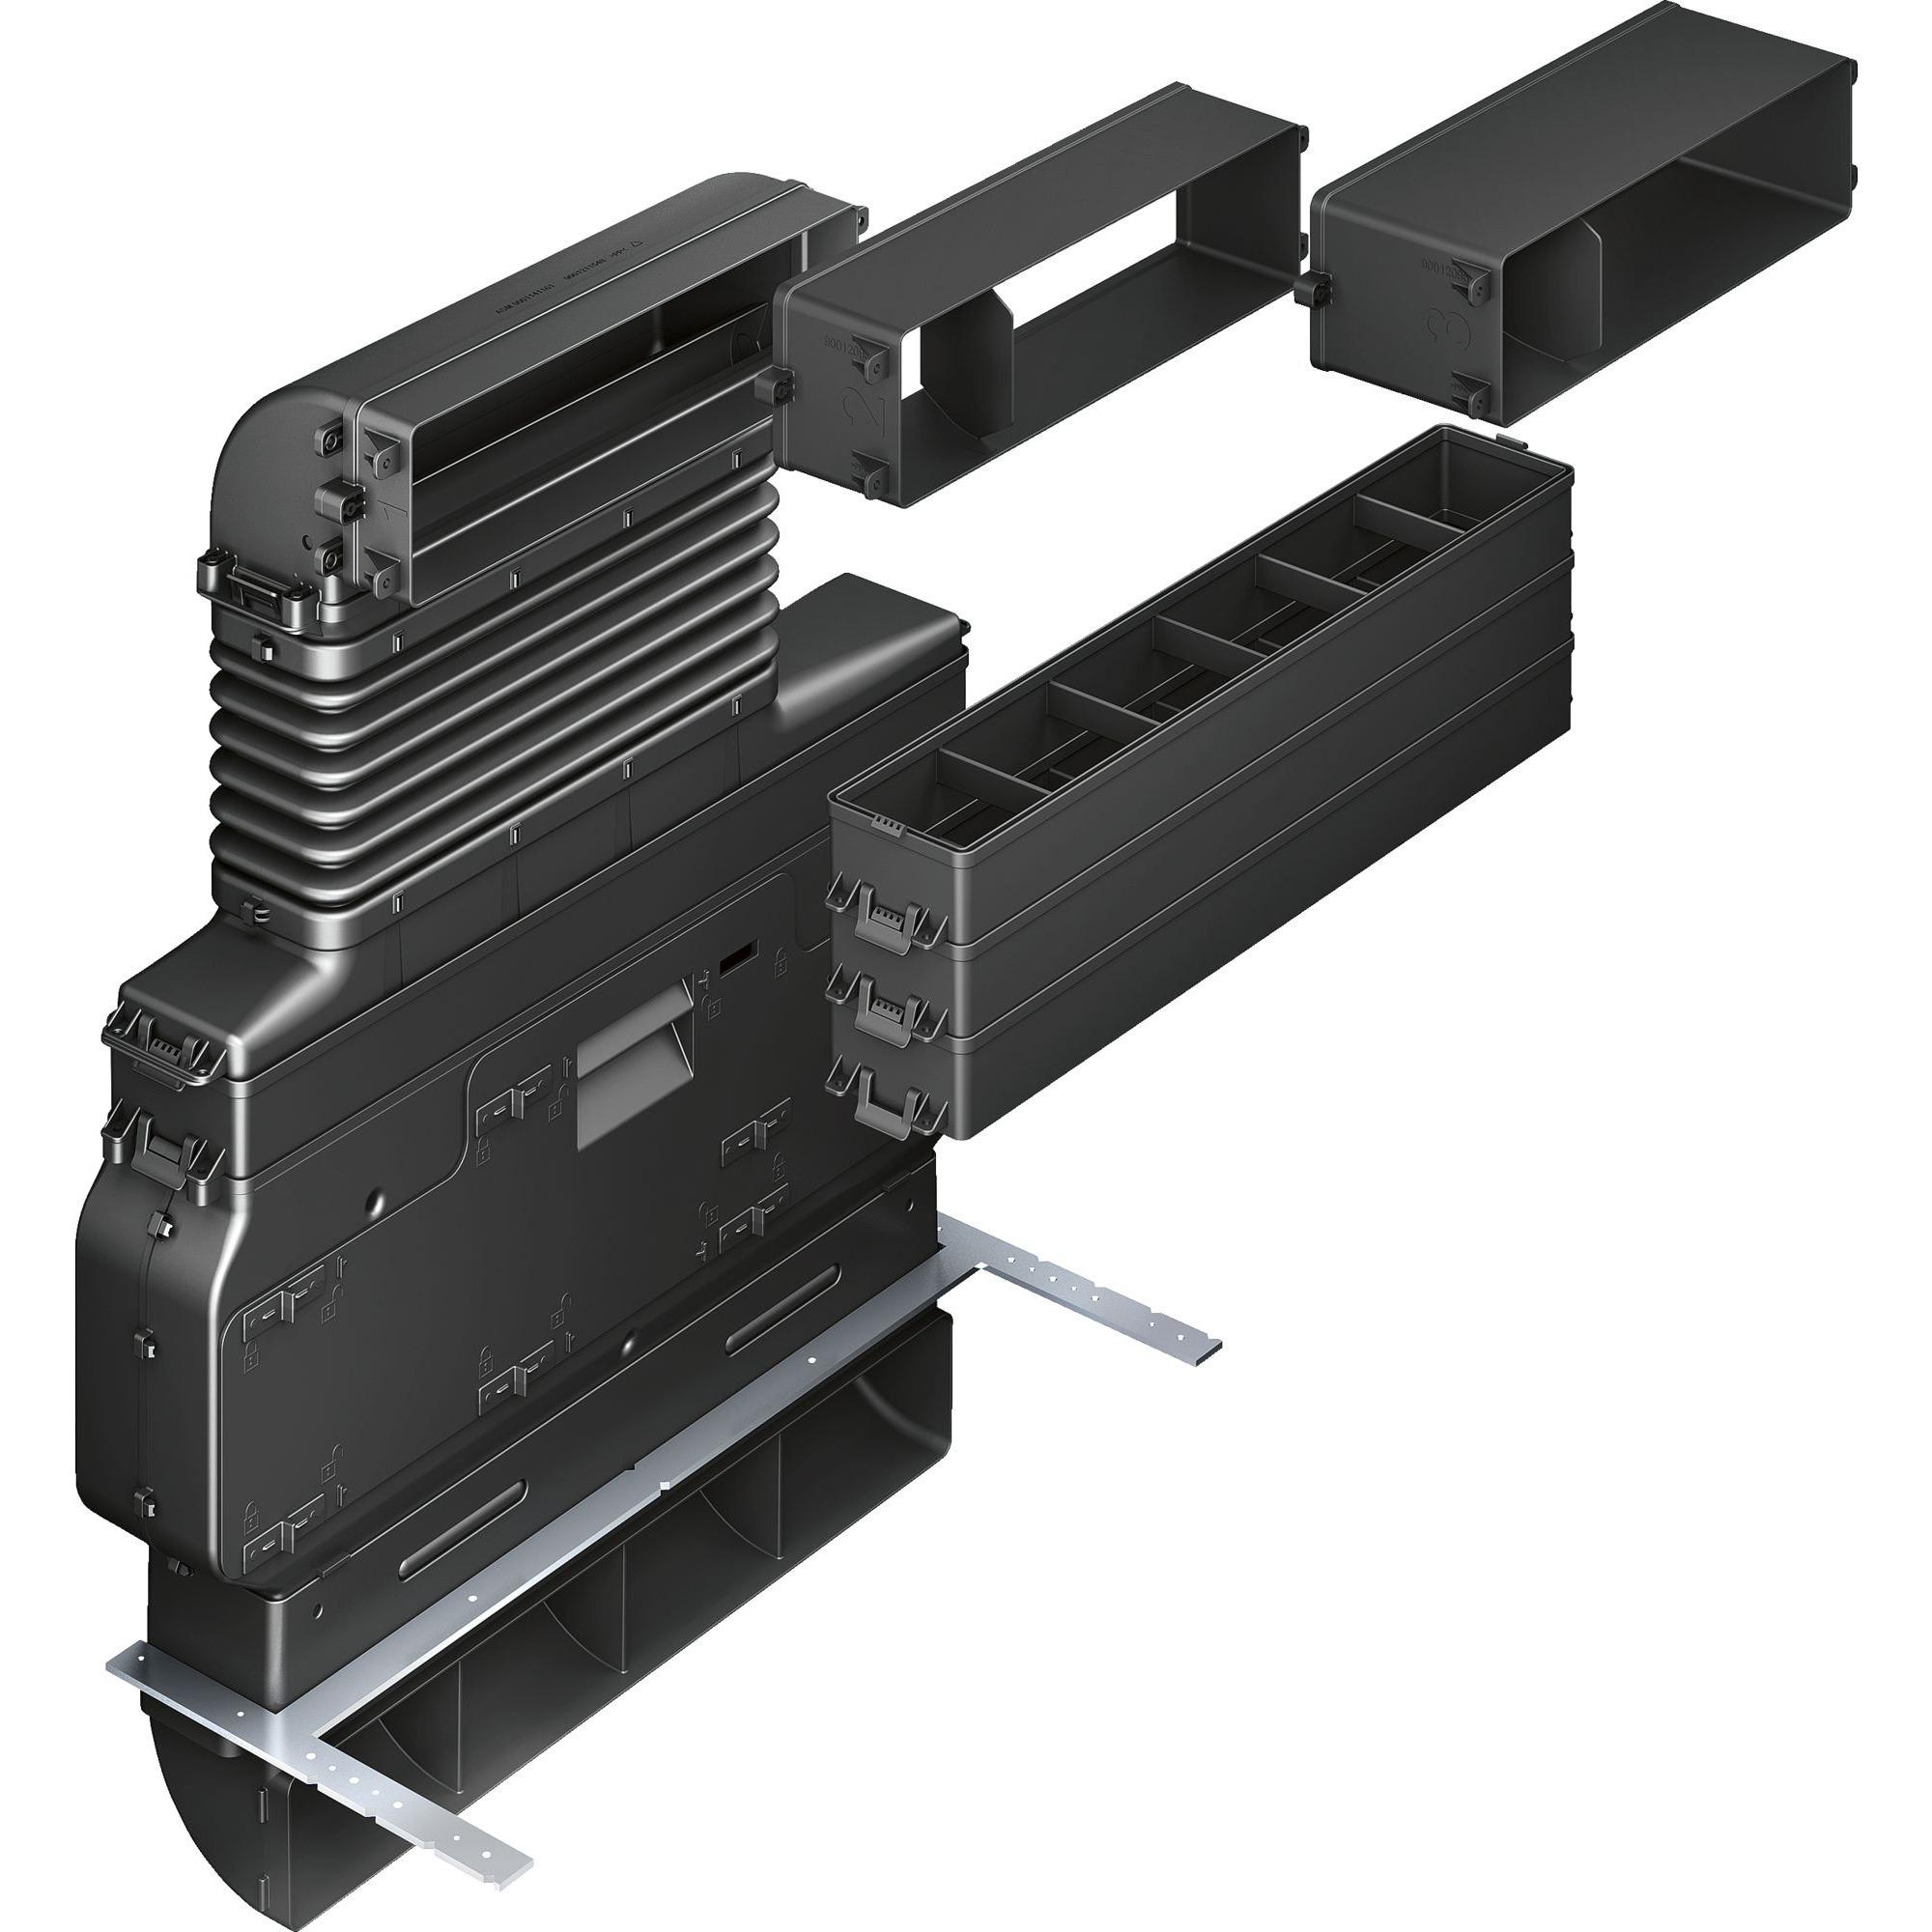 HZ381501 accesorio para campana de estufa Set de recirculación de aire para campana extractora, Set de modificación